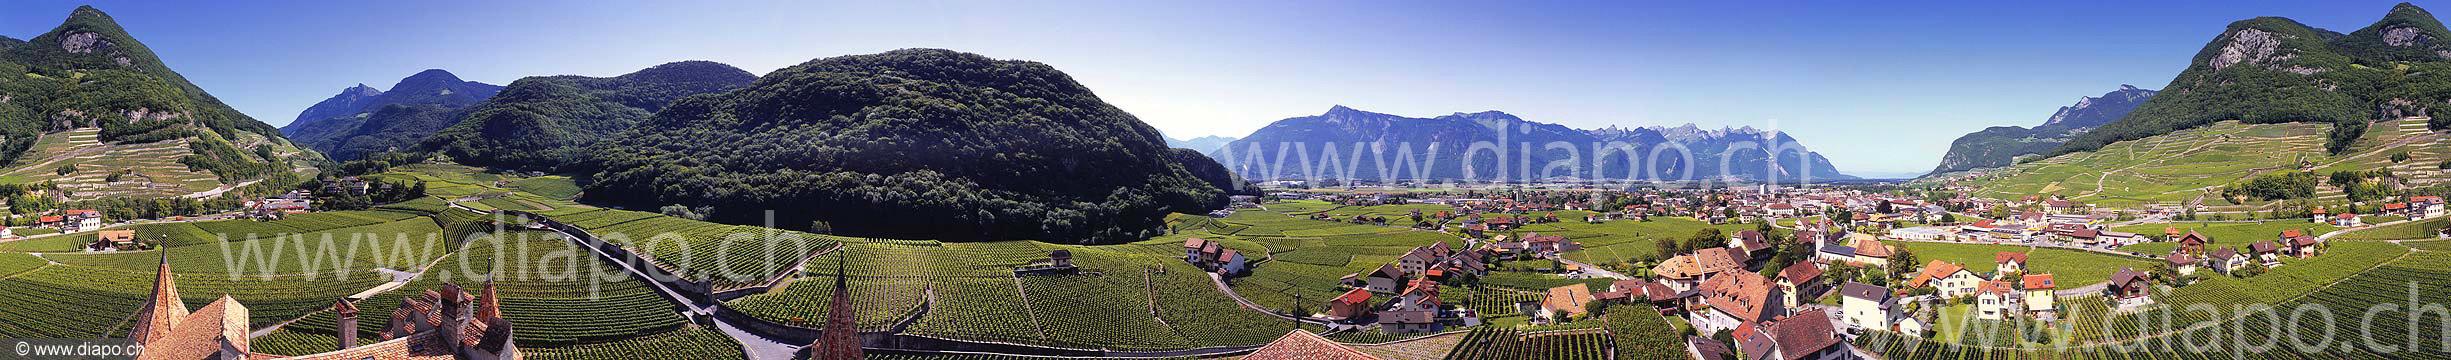 10698 - Suisse, canton de Vaud - Aigle depuis le Château